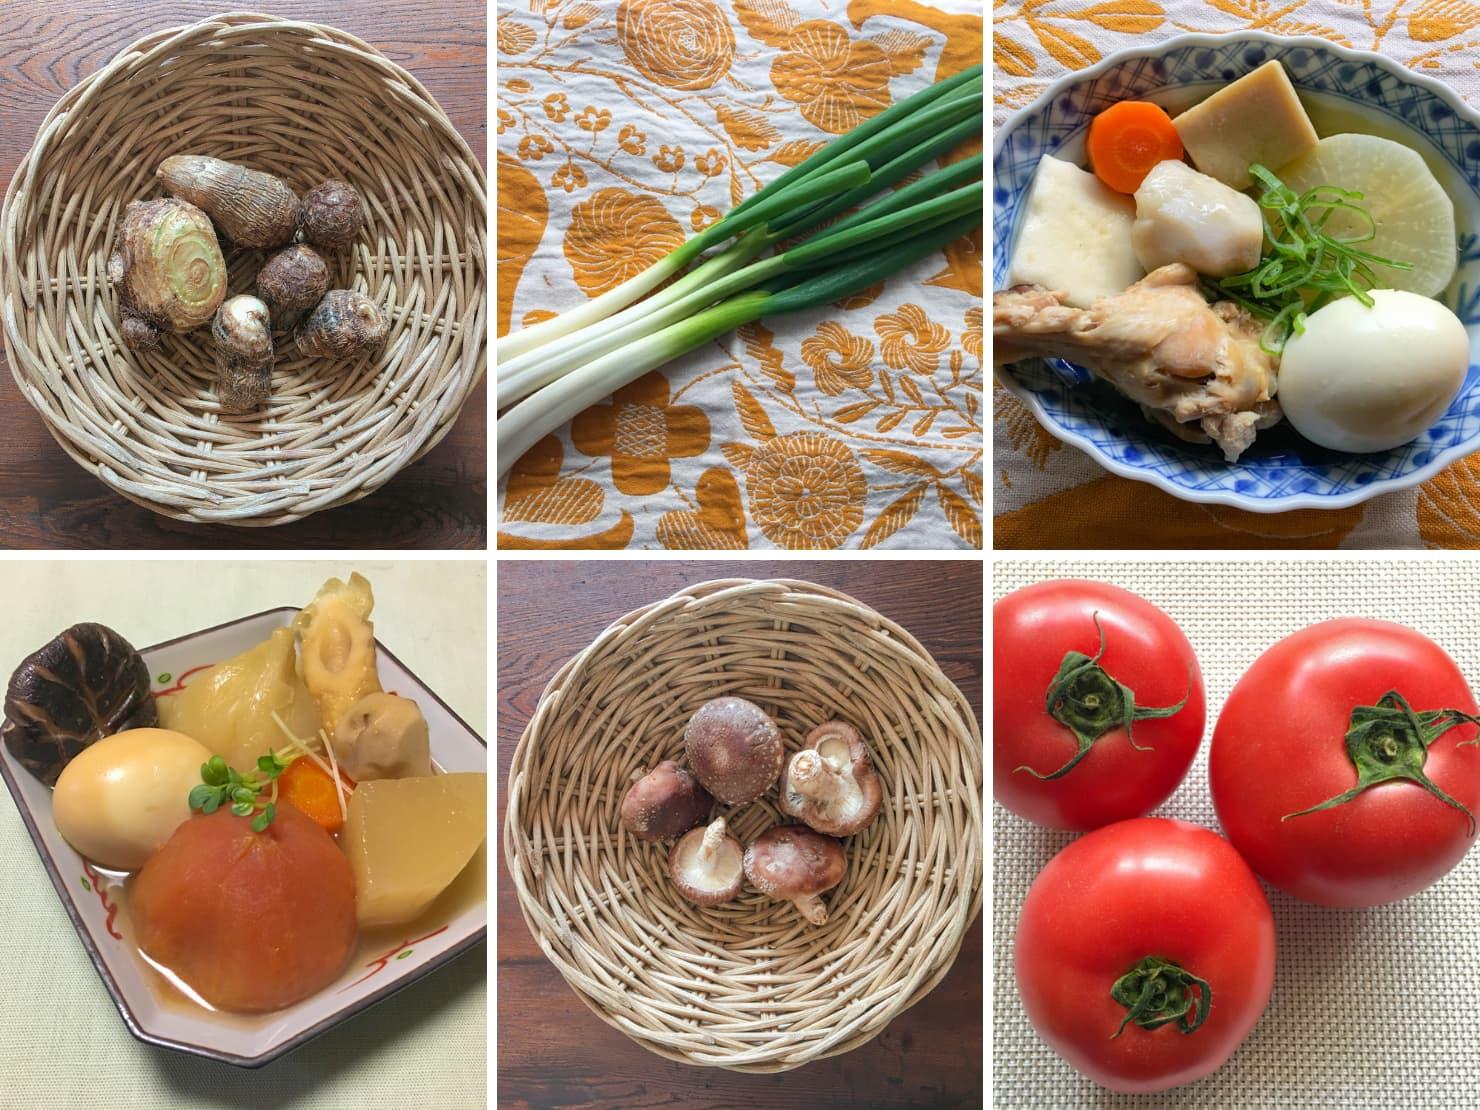 野菜入りのおでんや野菜の写真